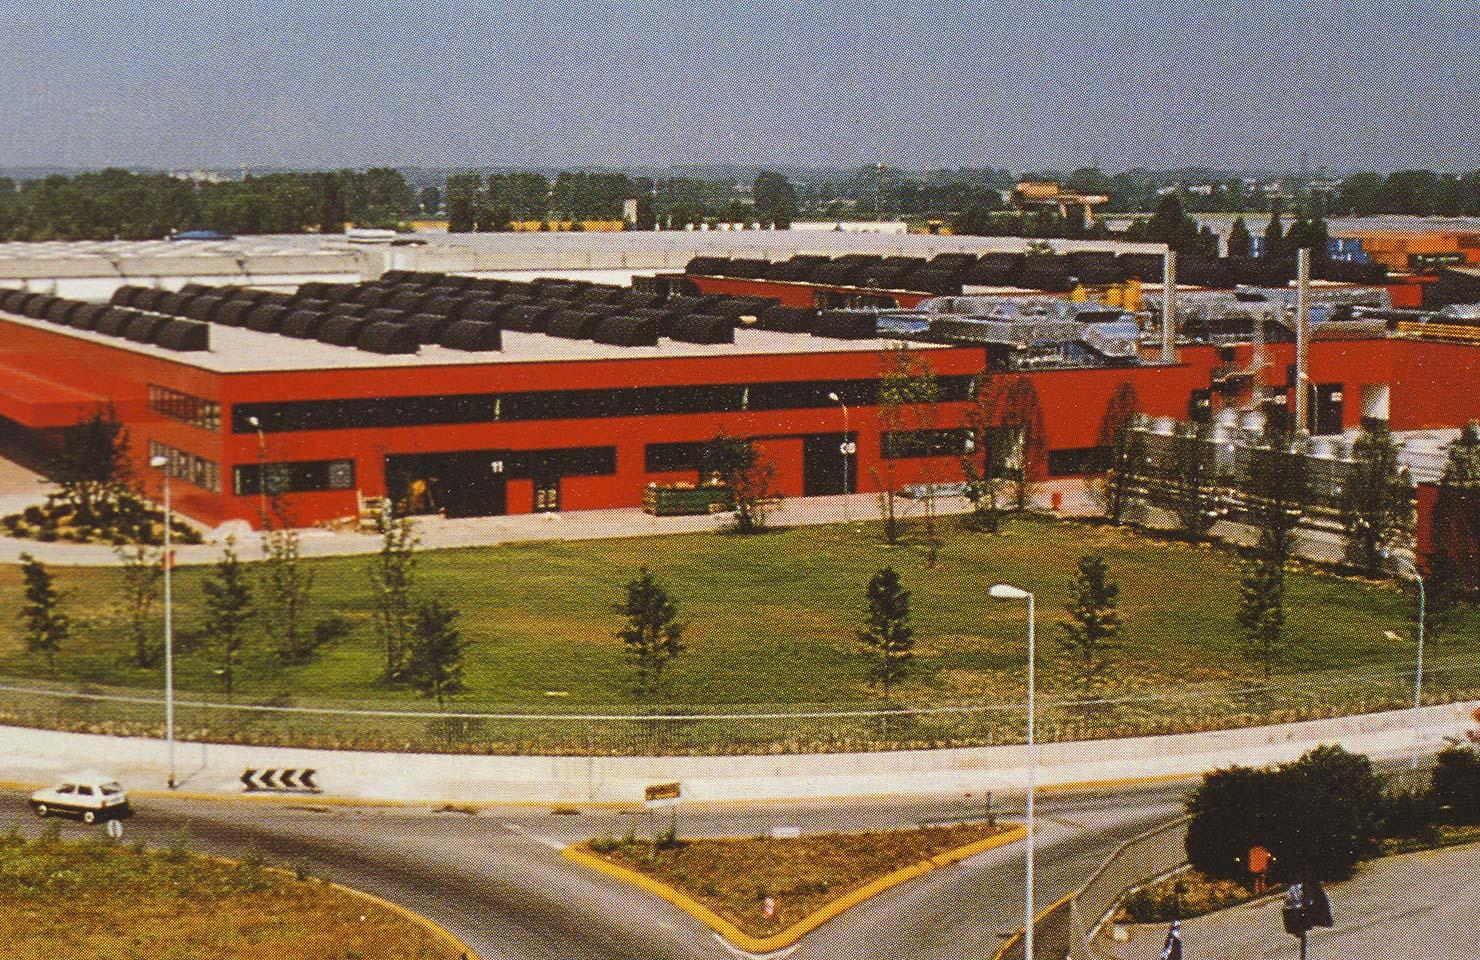 Centro rotocalcografico – Melzo